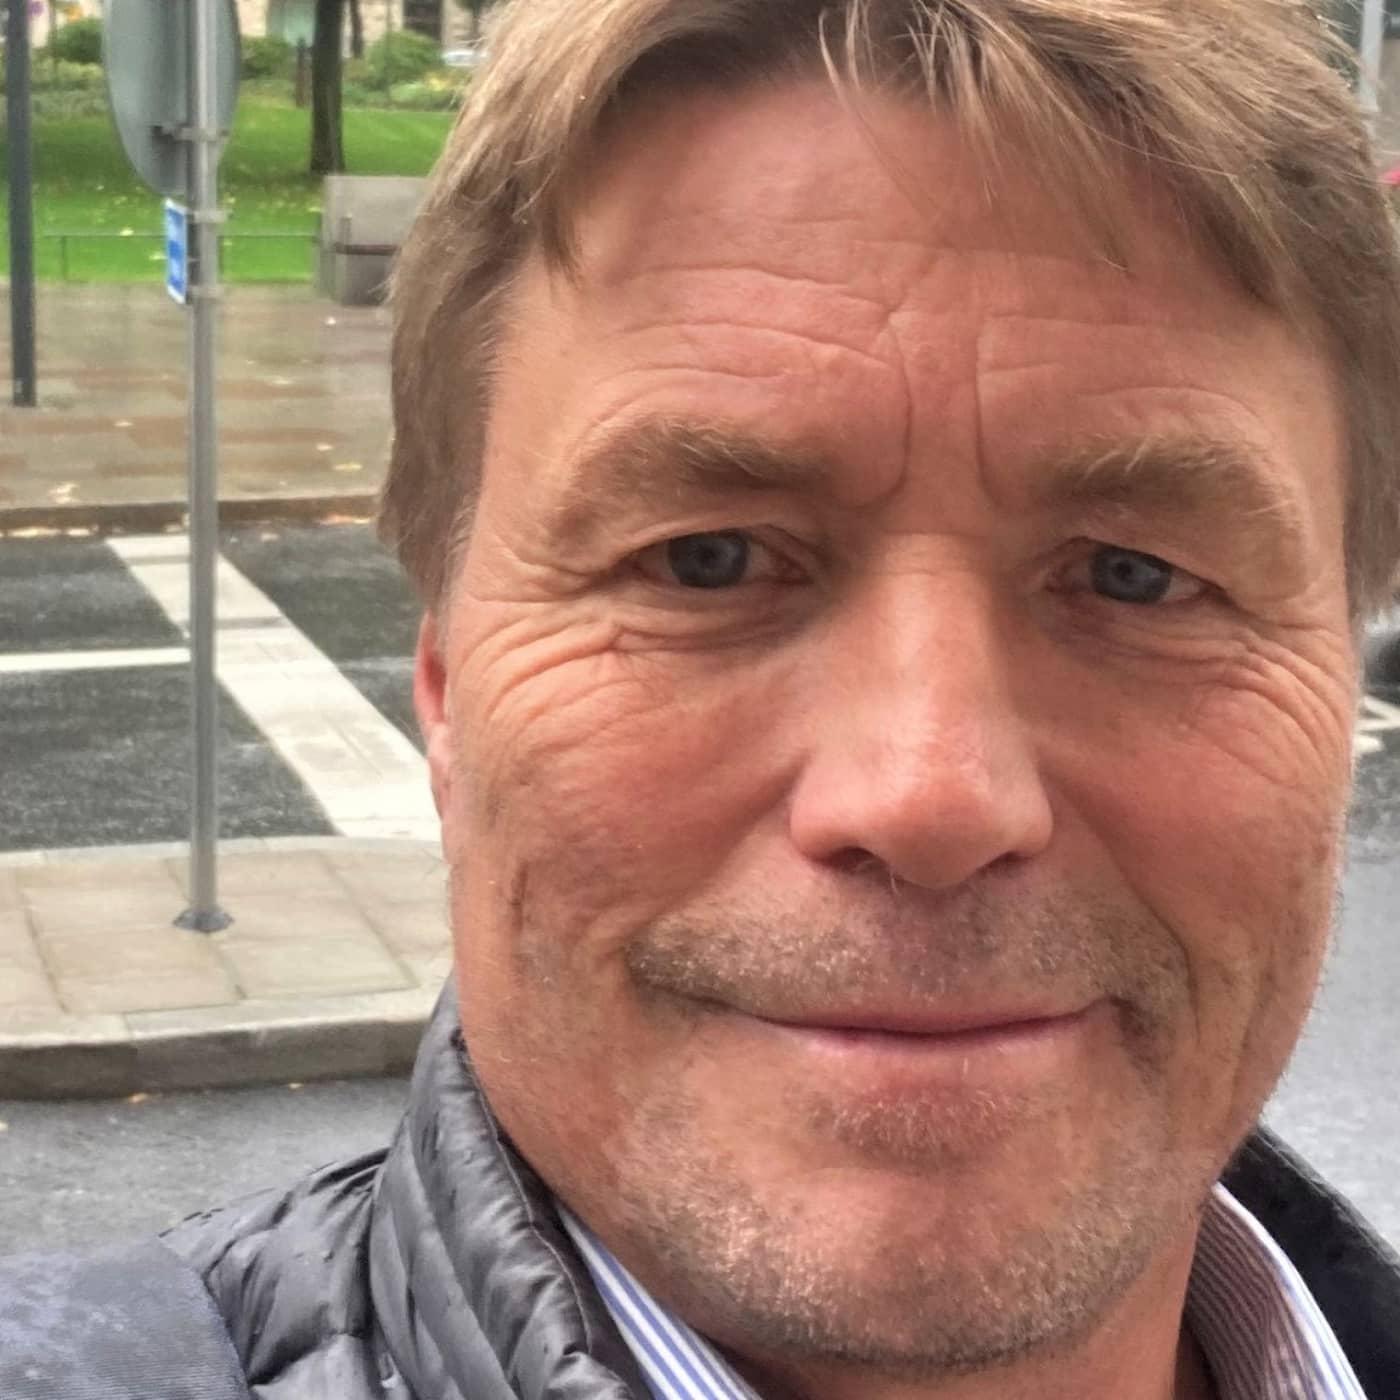 Tomas Bodström: Hade jag lyssnat på pappa hade livet blivit mycket sämre